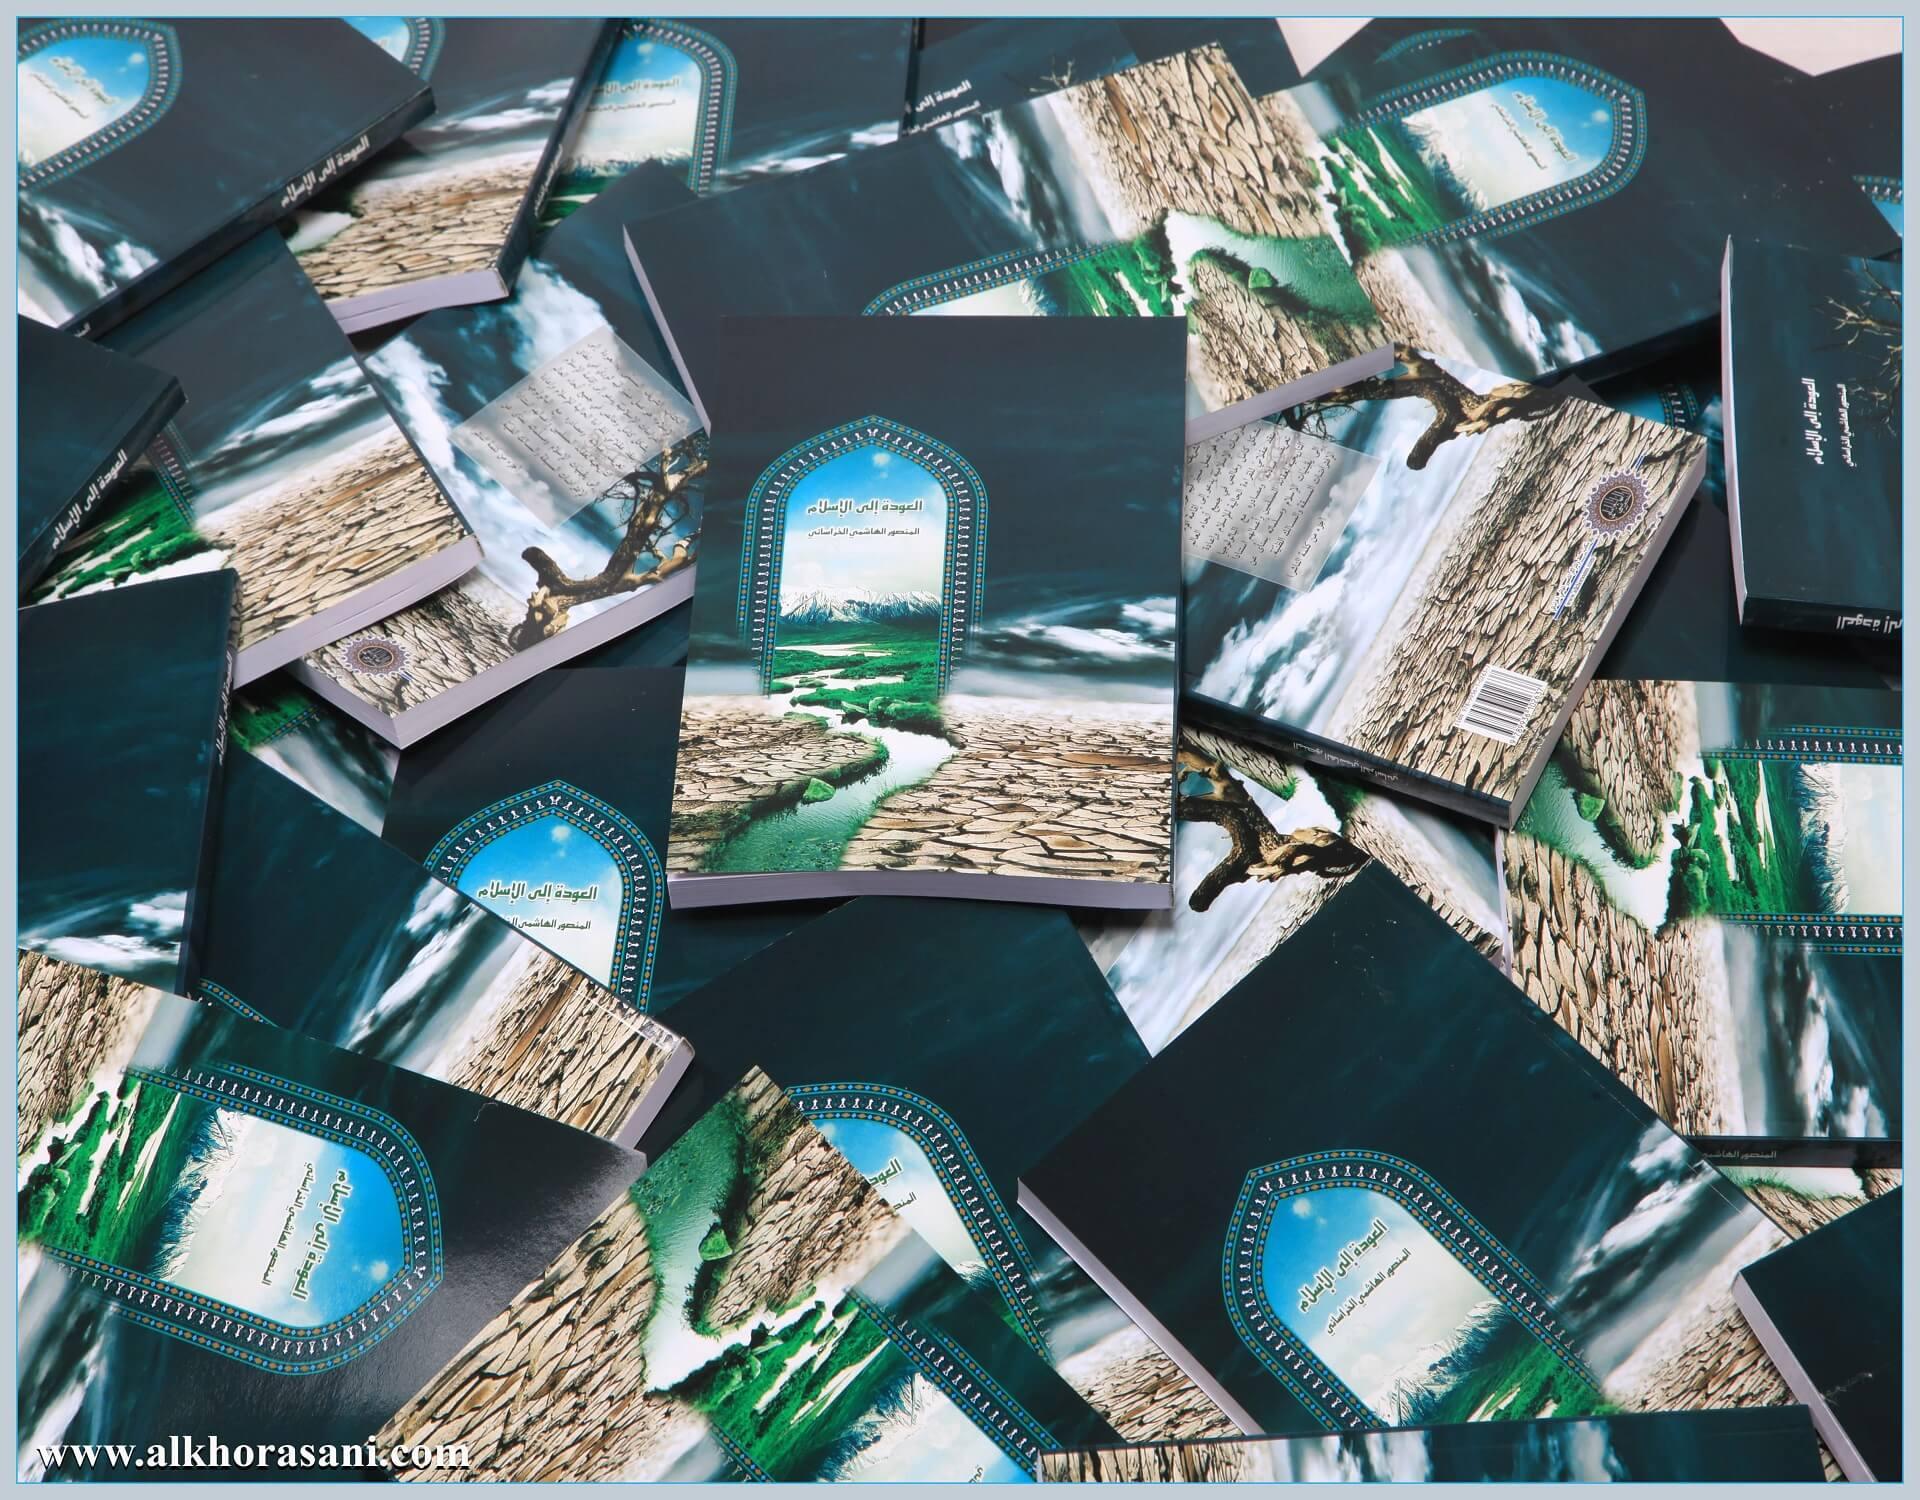 نظرة في كتاب «العودة إلى الإسلام» من تأليف المنصور الهاشمي الخراساني